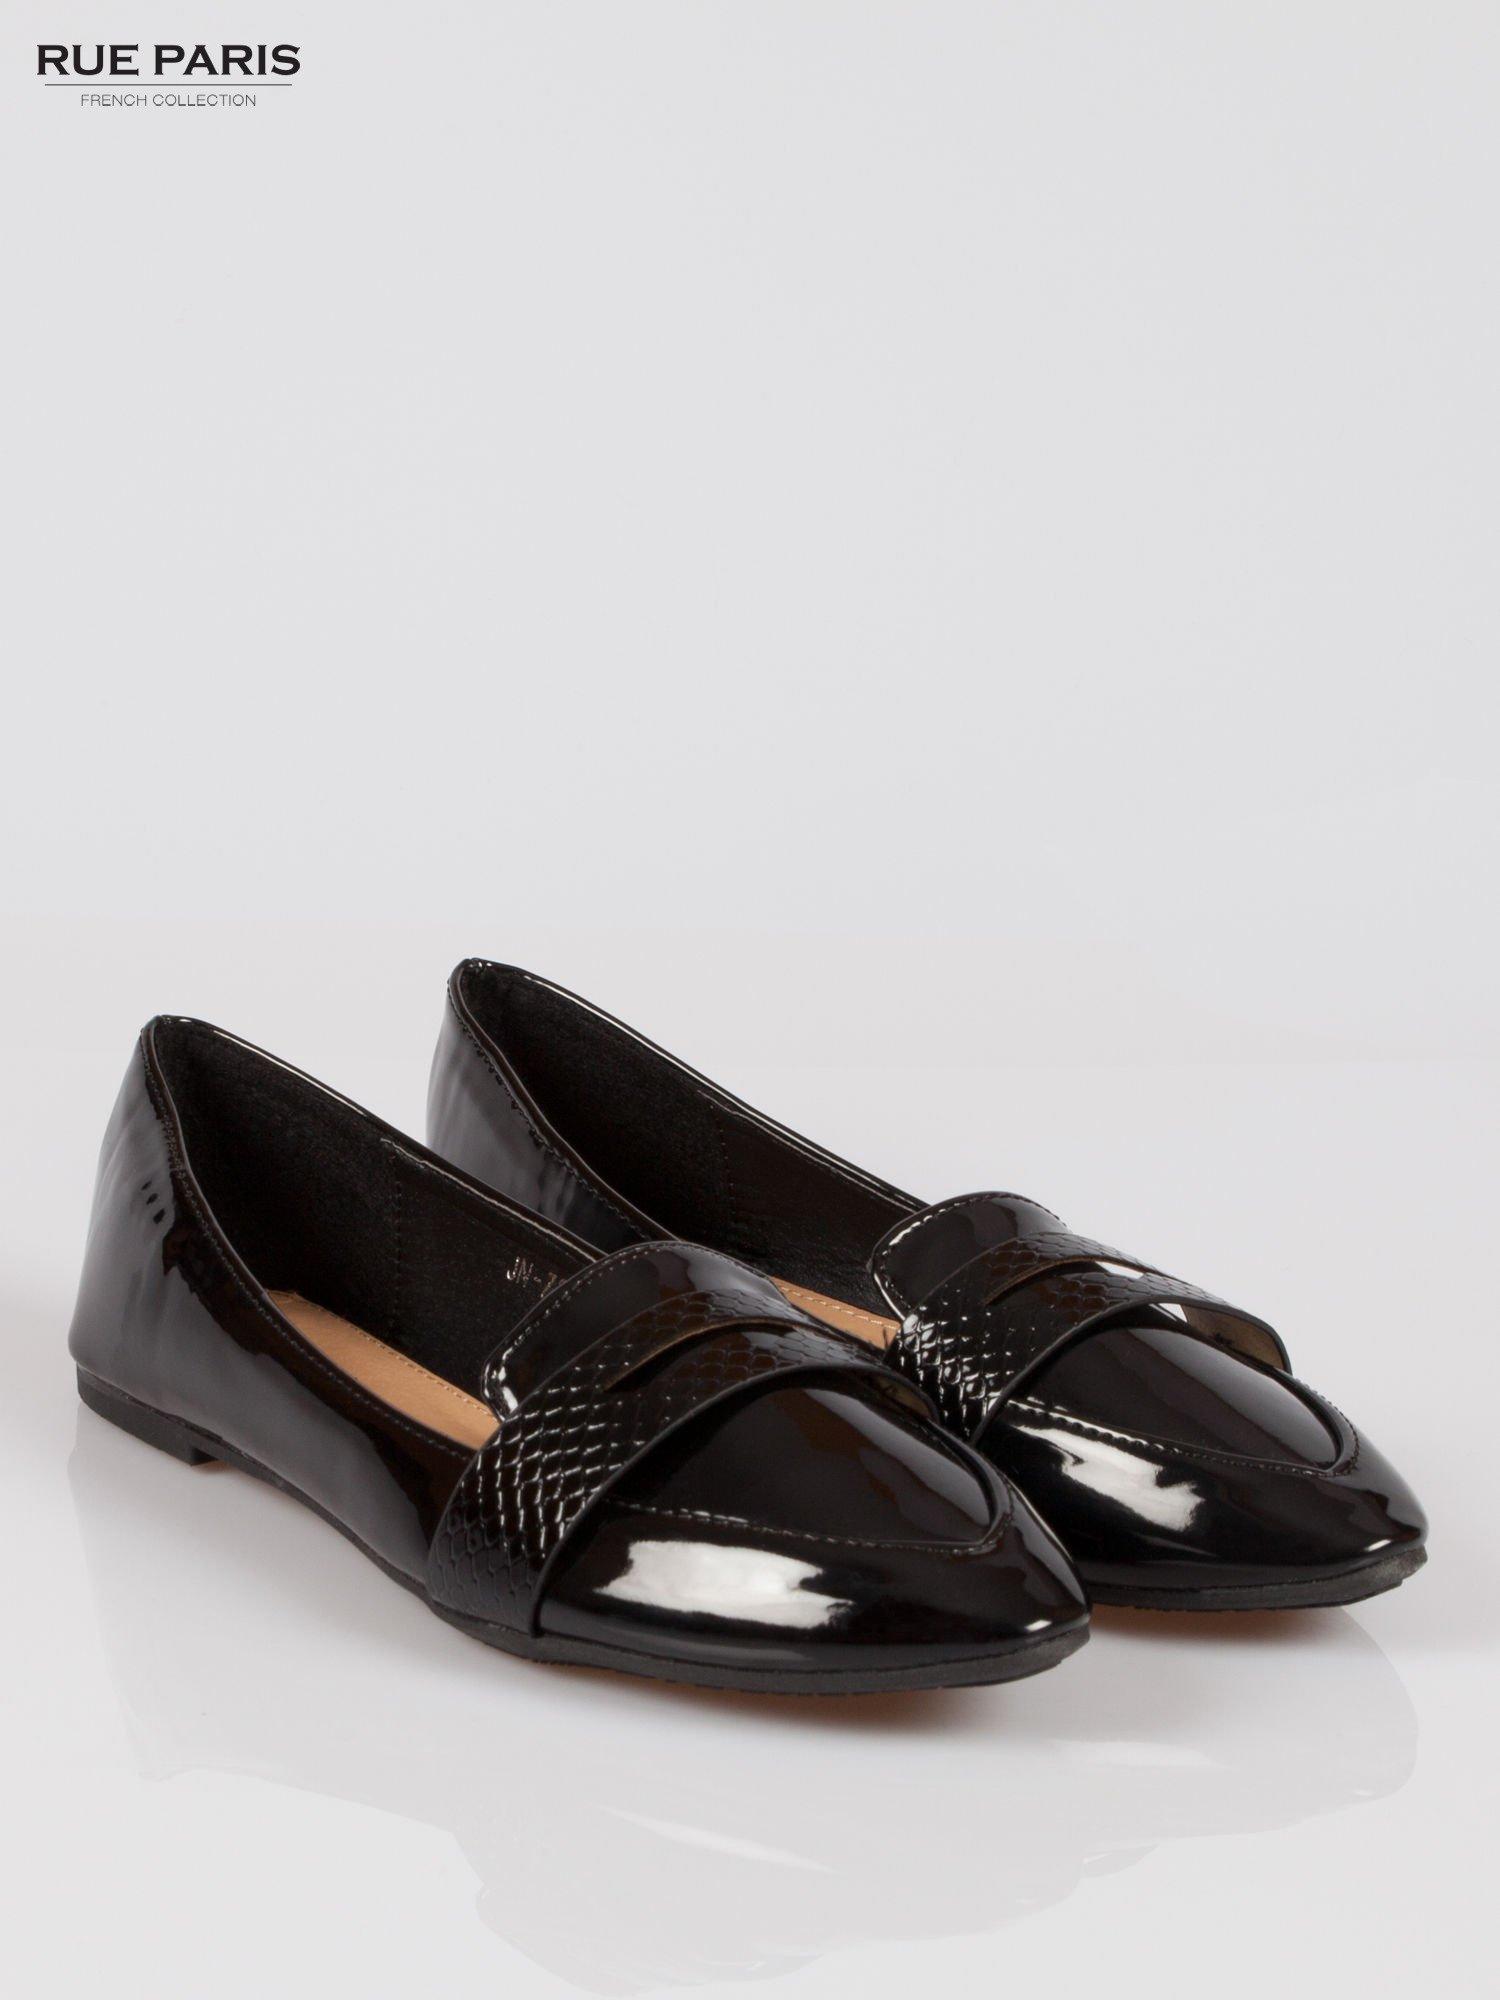 Czarne lakierowane mokasyny penny loafers Harper                                  zdj.                                  2